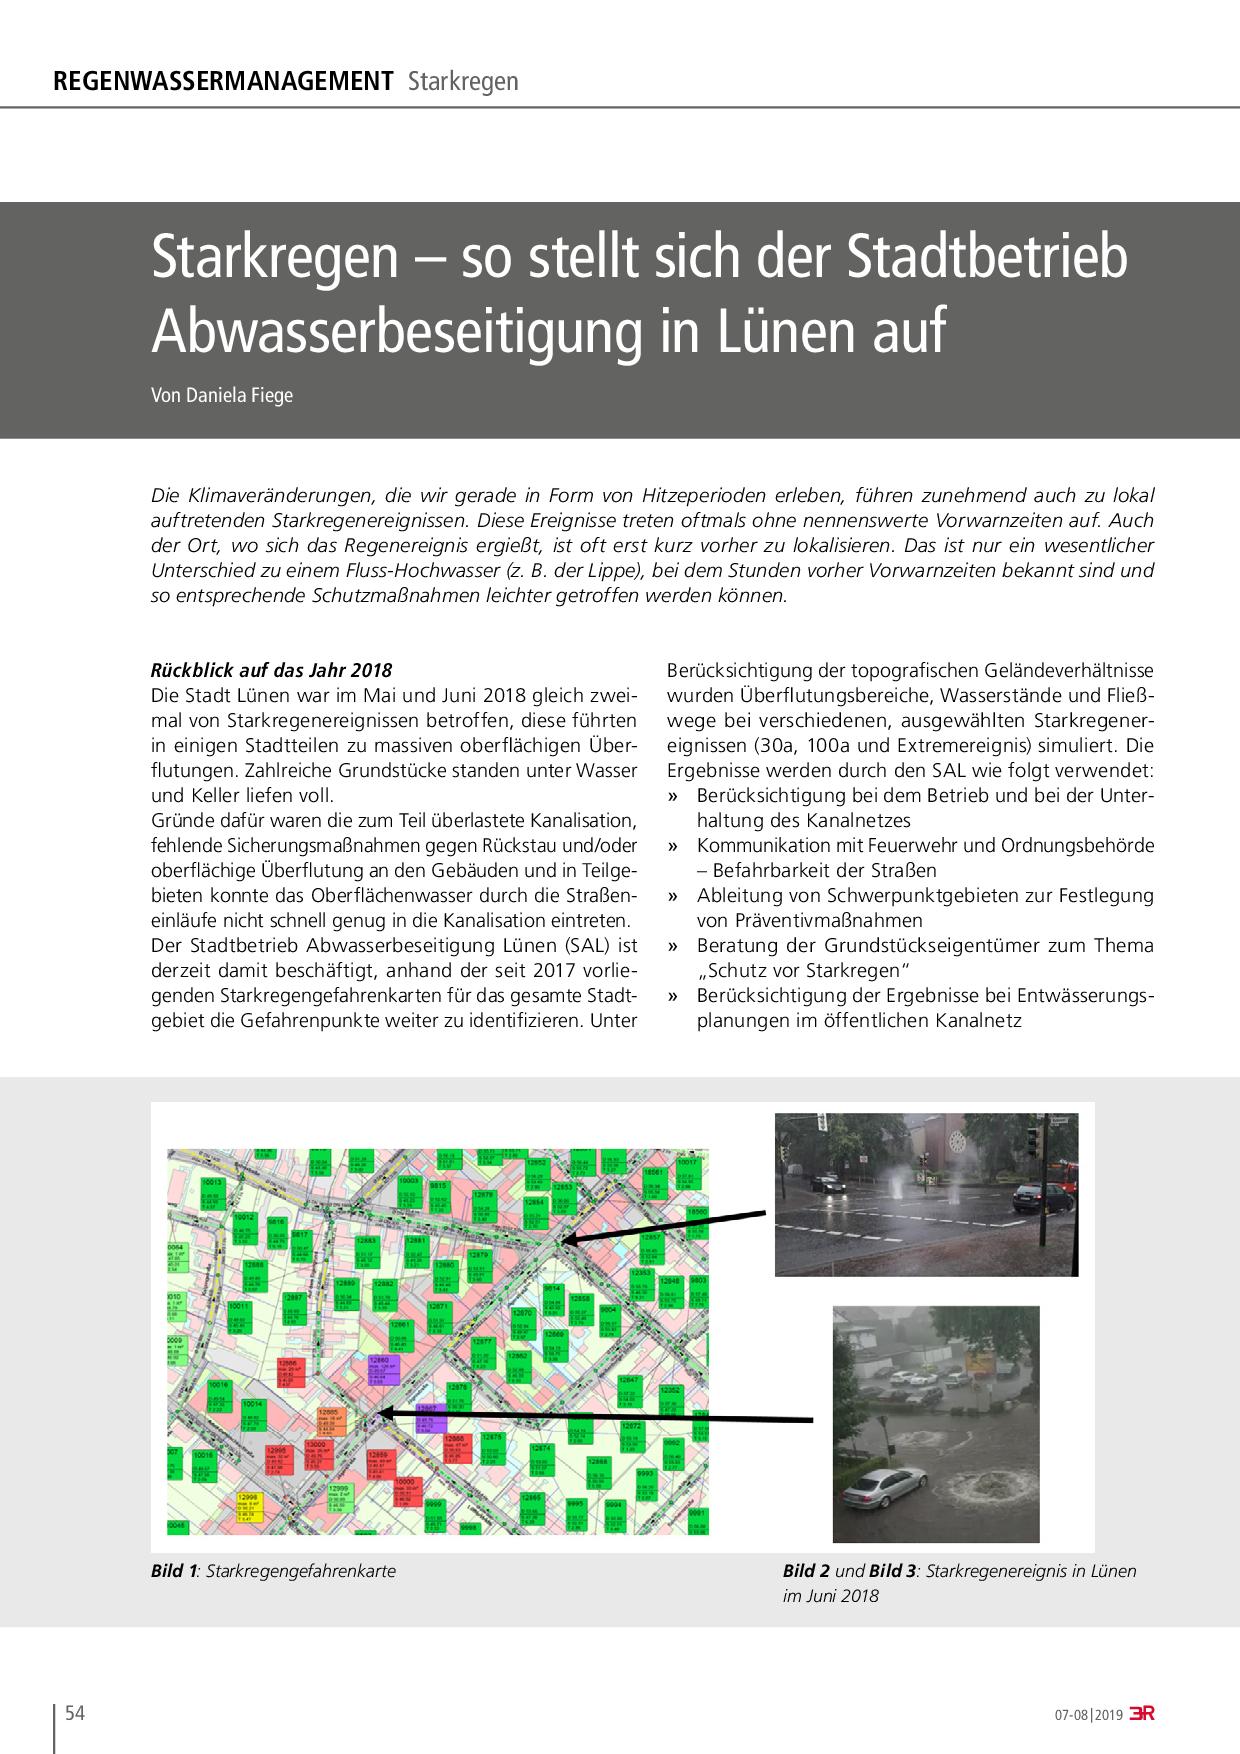 Starkregen – so stellt sich der Stadtbetrieb Abwasserbeseitigung in Lünen auf